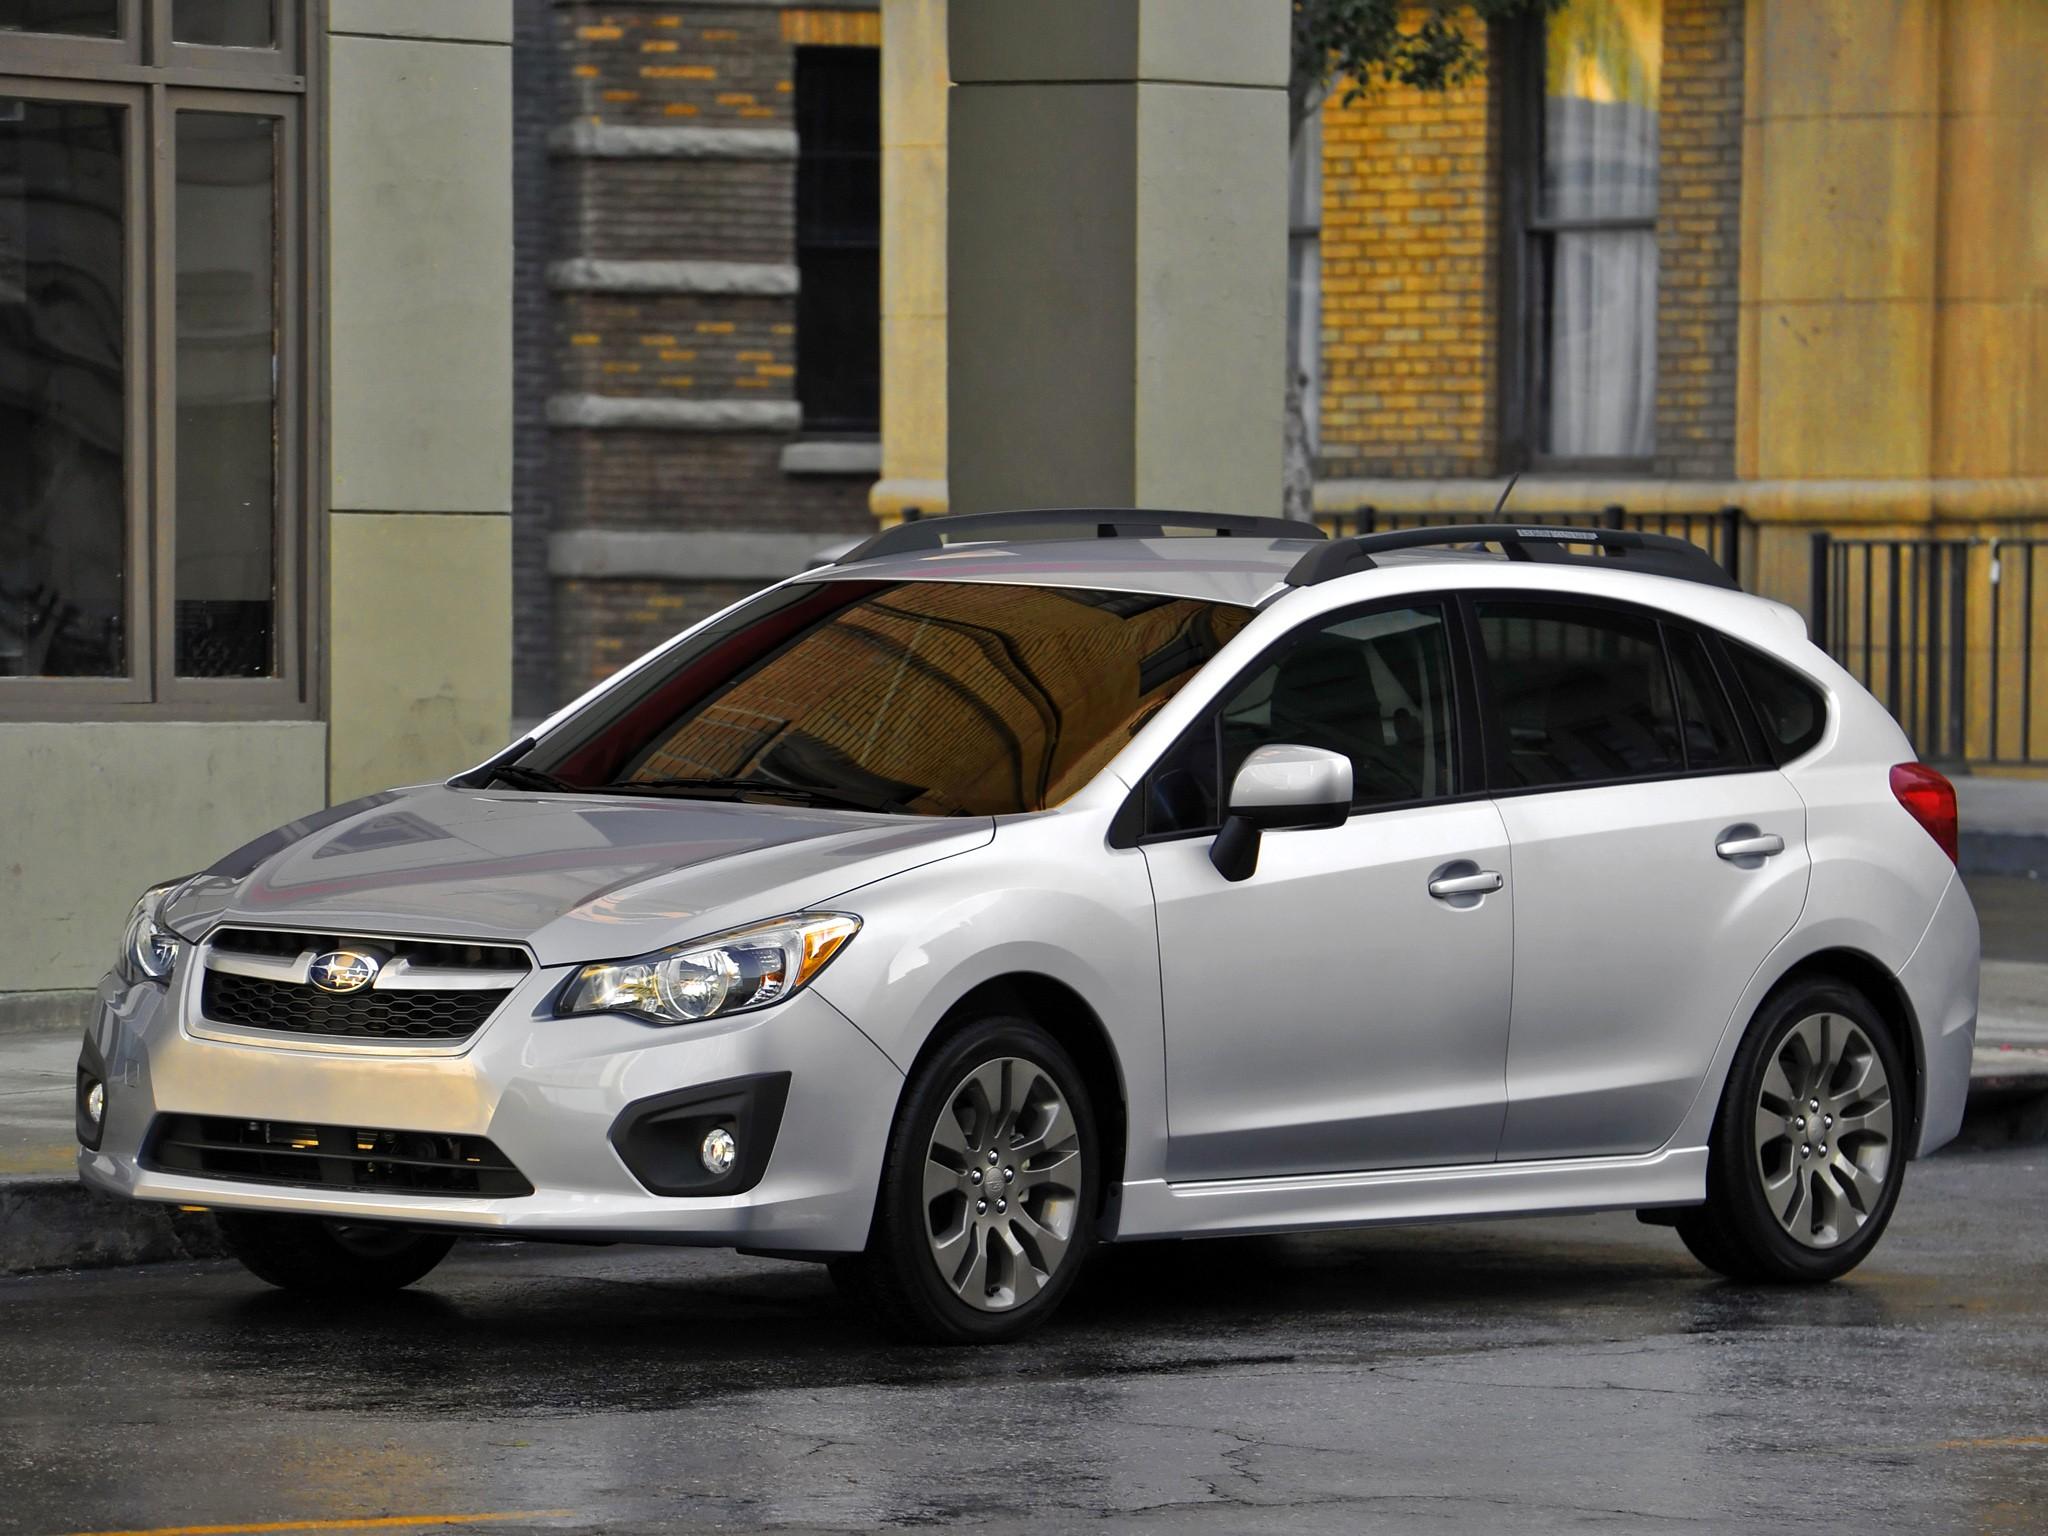 Subaru impreza 5 doors specs 2012 2013 2014 2015 2016 2017 subaru impreza 5 doors 2012 present vanachro Choice Image